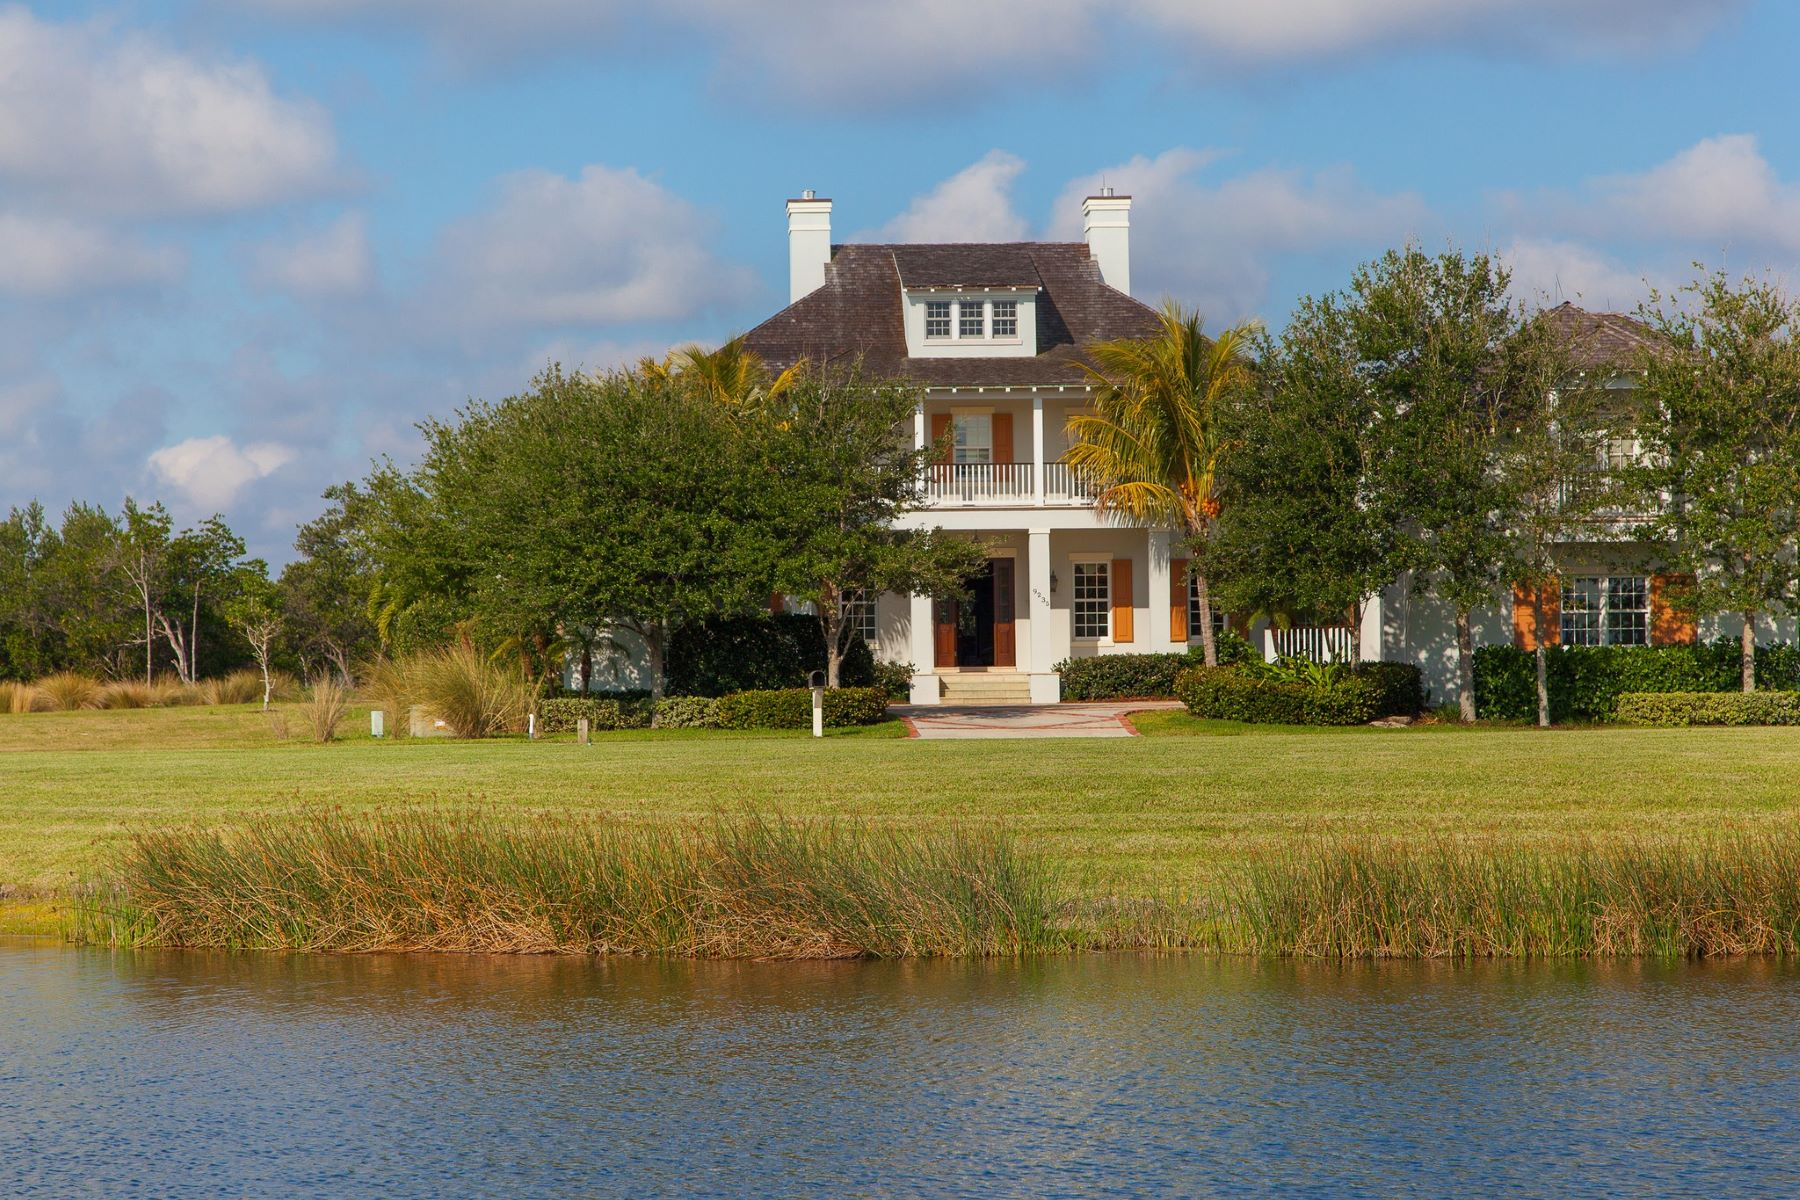 Частный односемейный дом для того Аренда на Riverfront Masterpiece for Lease 9235 W. Marsh Island Drive Vero Beach, Флорида 32963 Соединенные Штаты